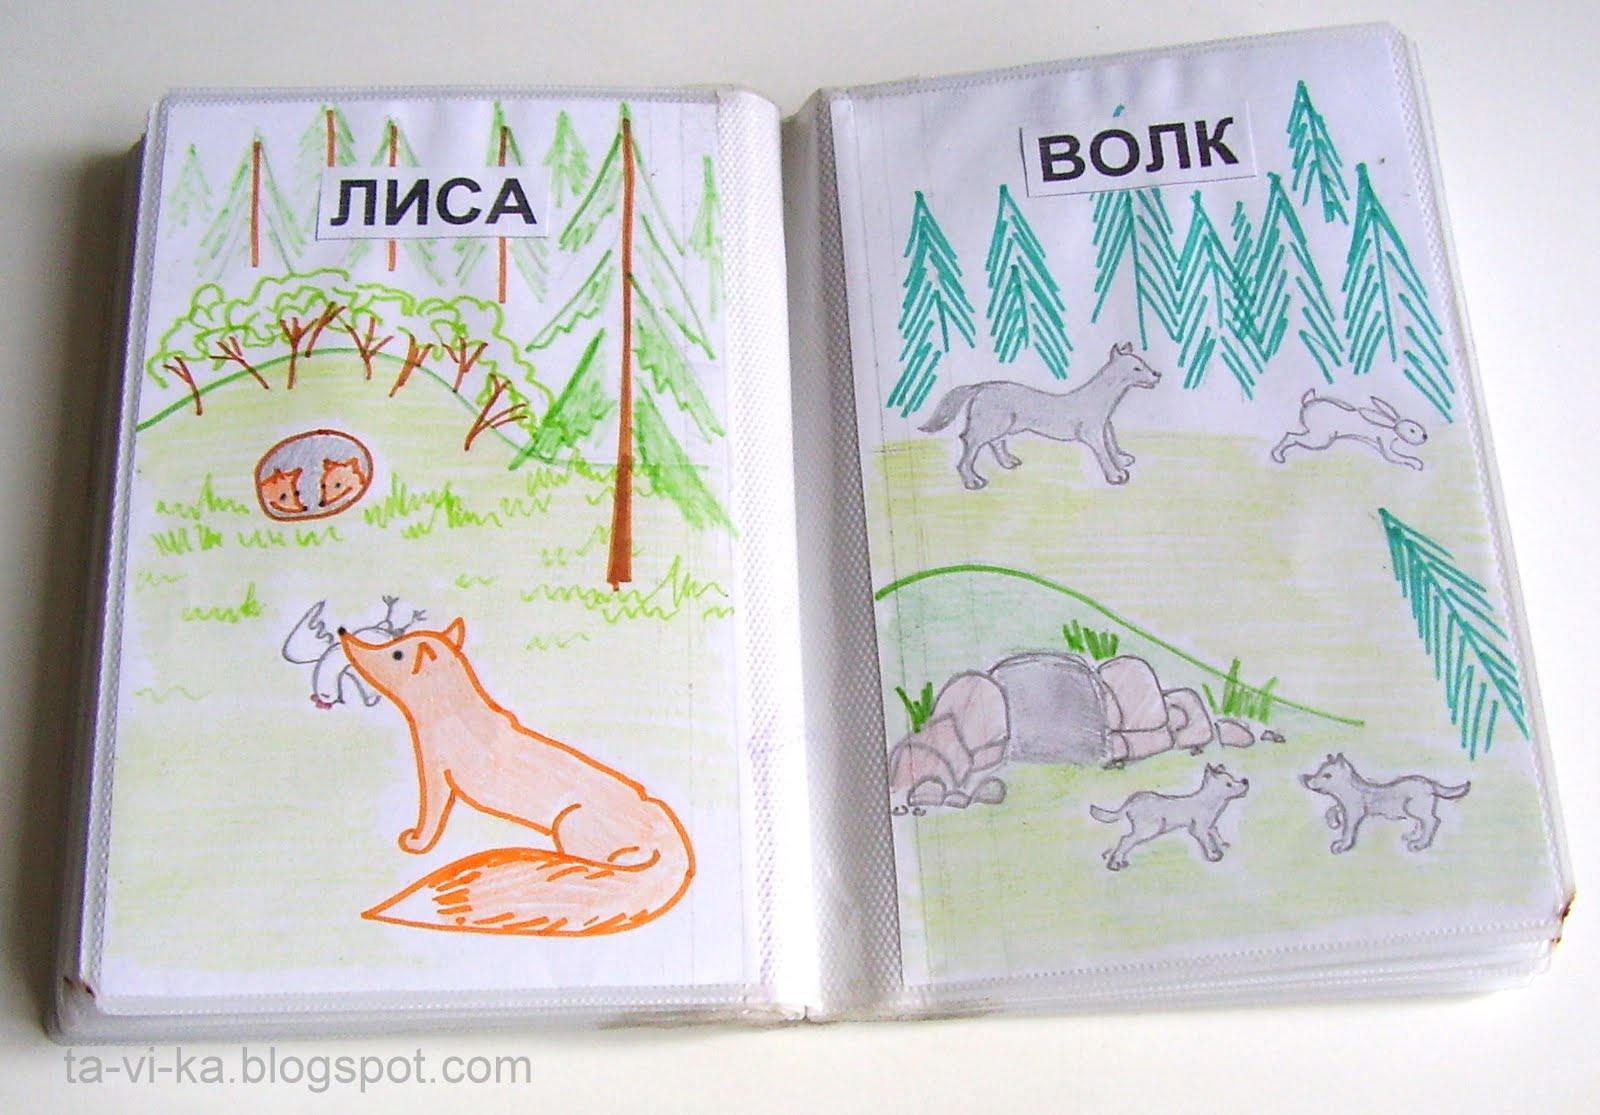 Картинки книжек сделанных своими